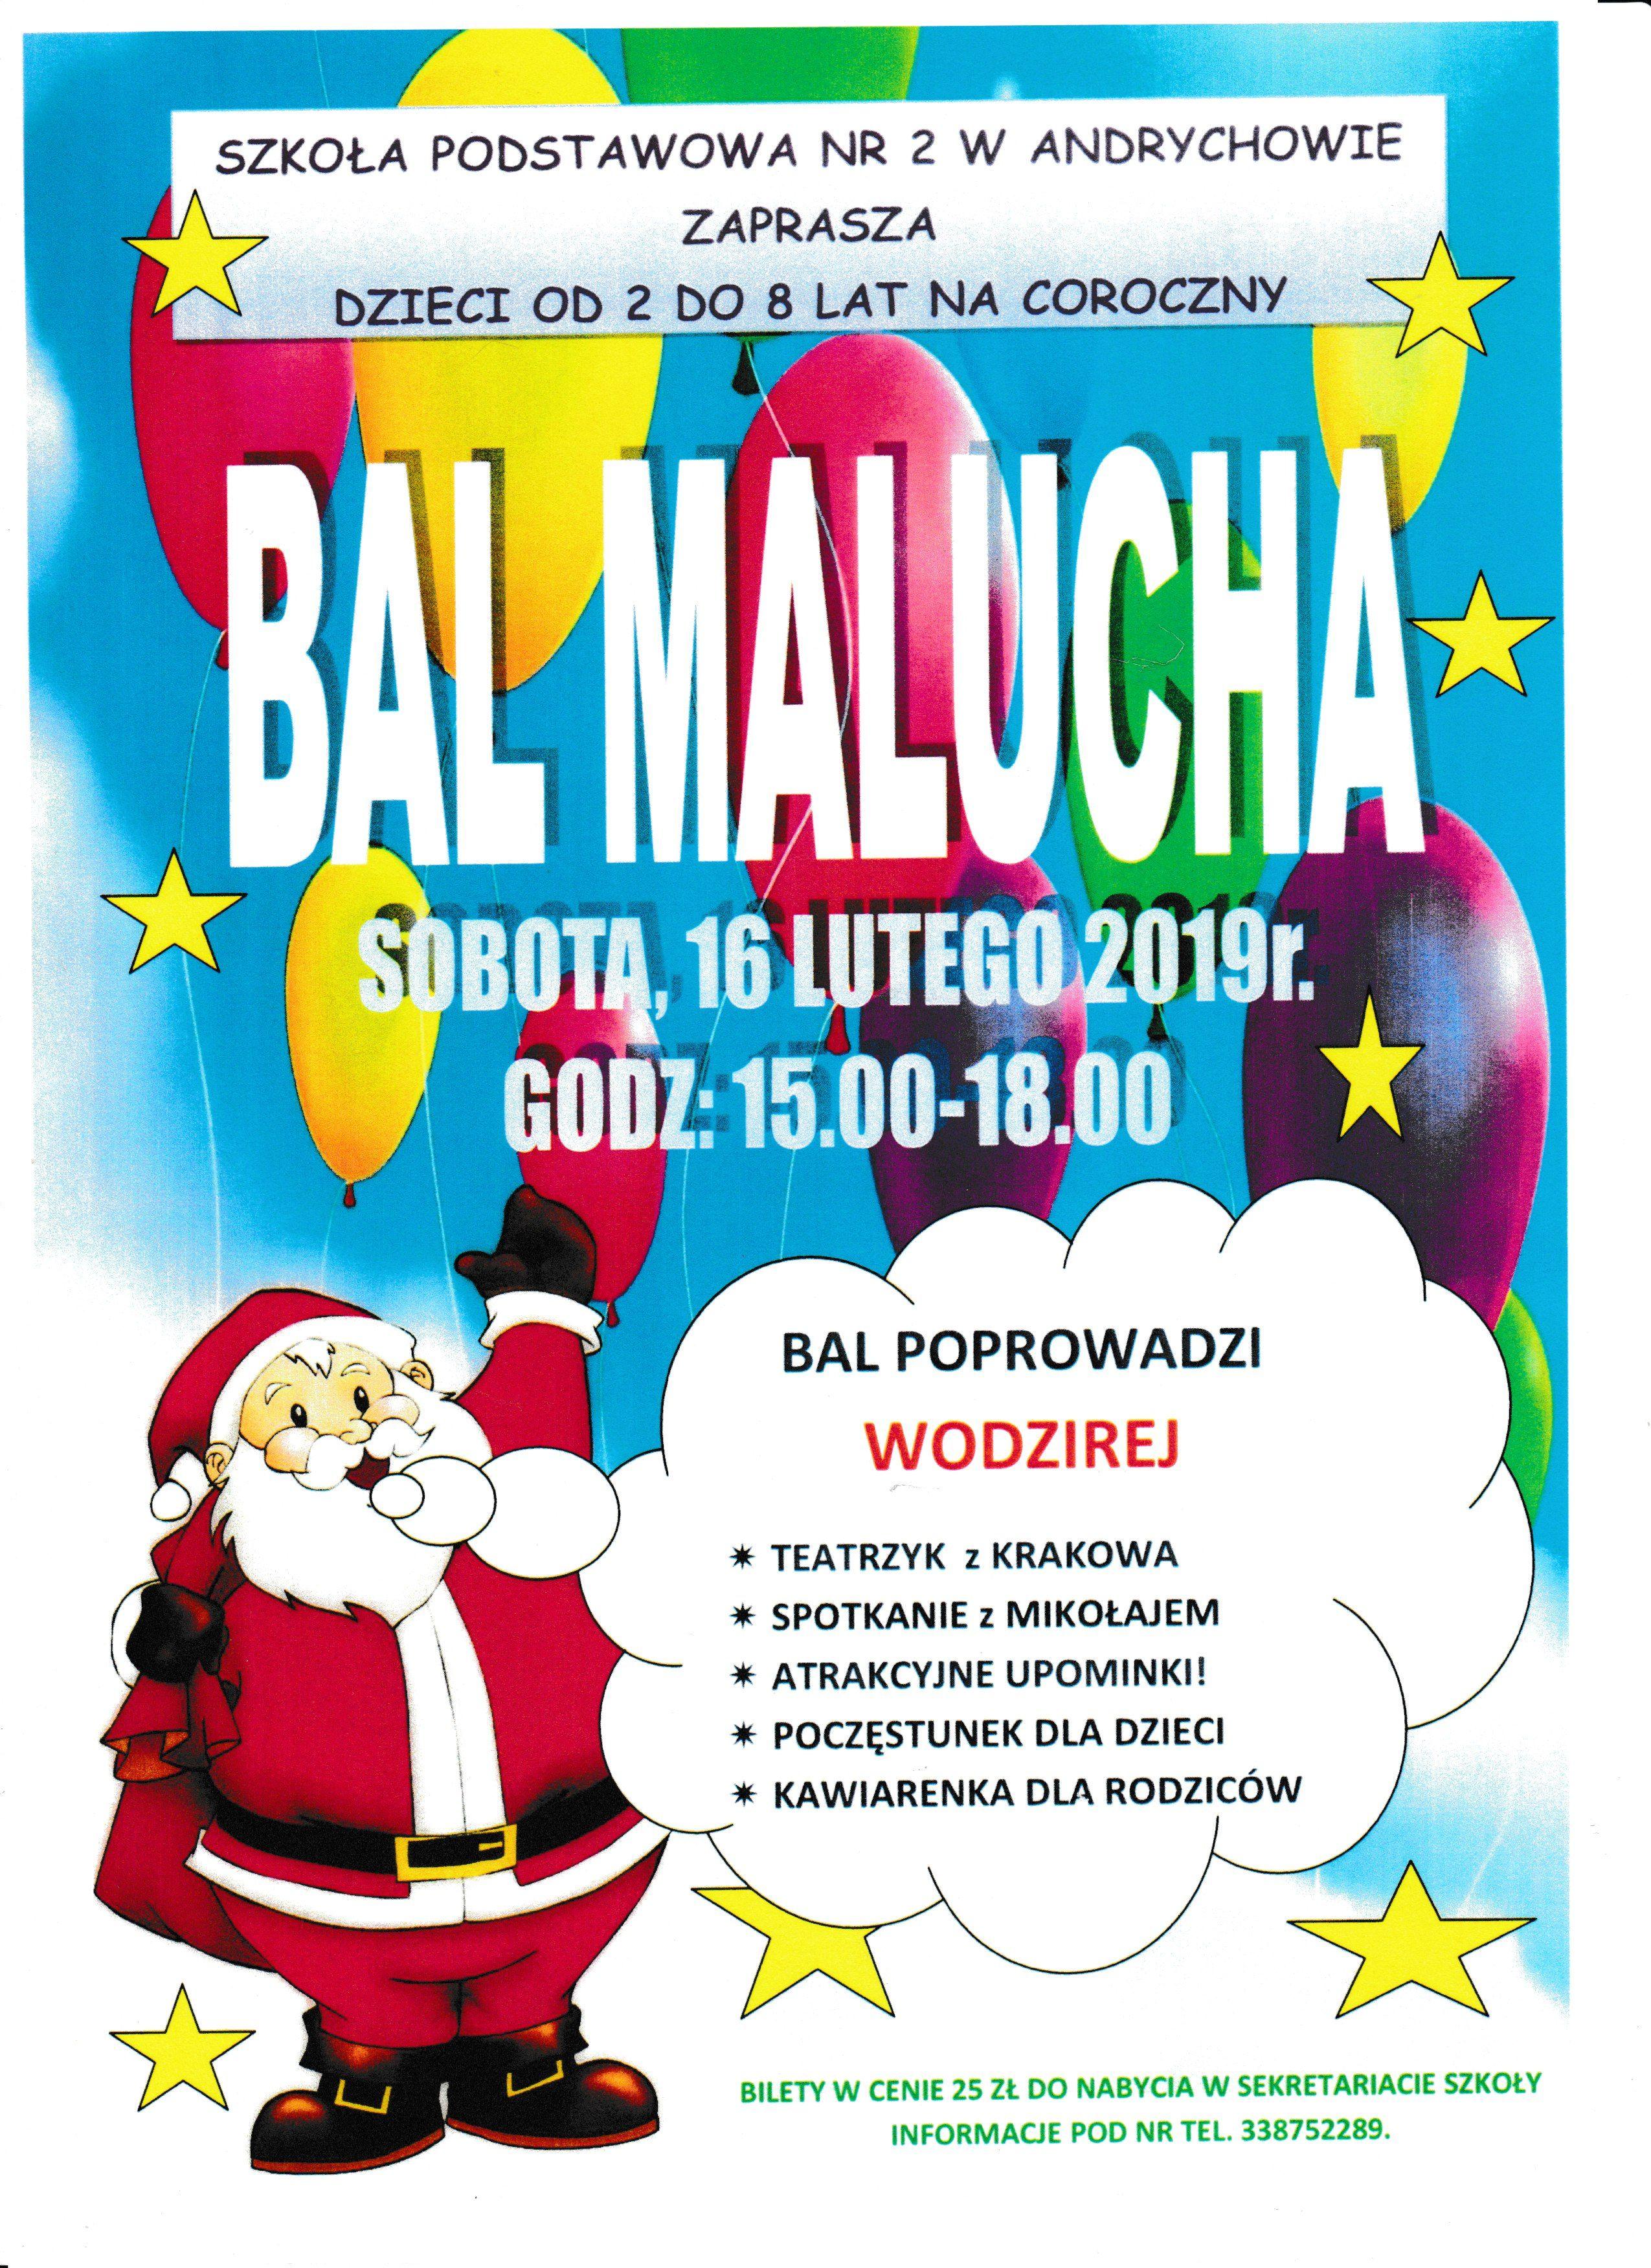 Kolejna edycja Balu Malucha w SP2. Zapisy już trwają